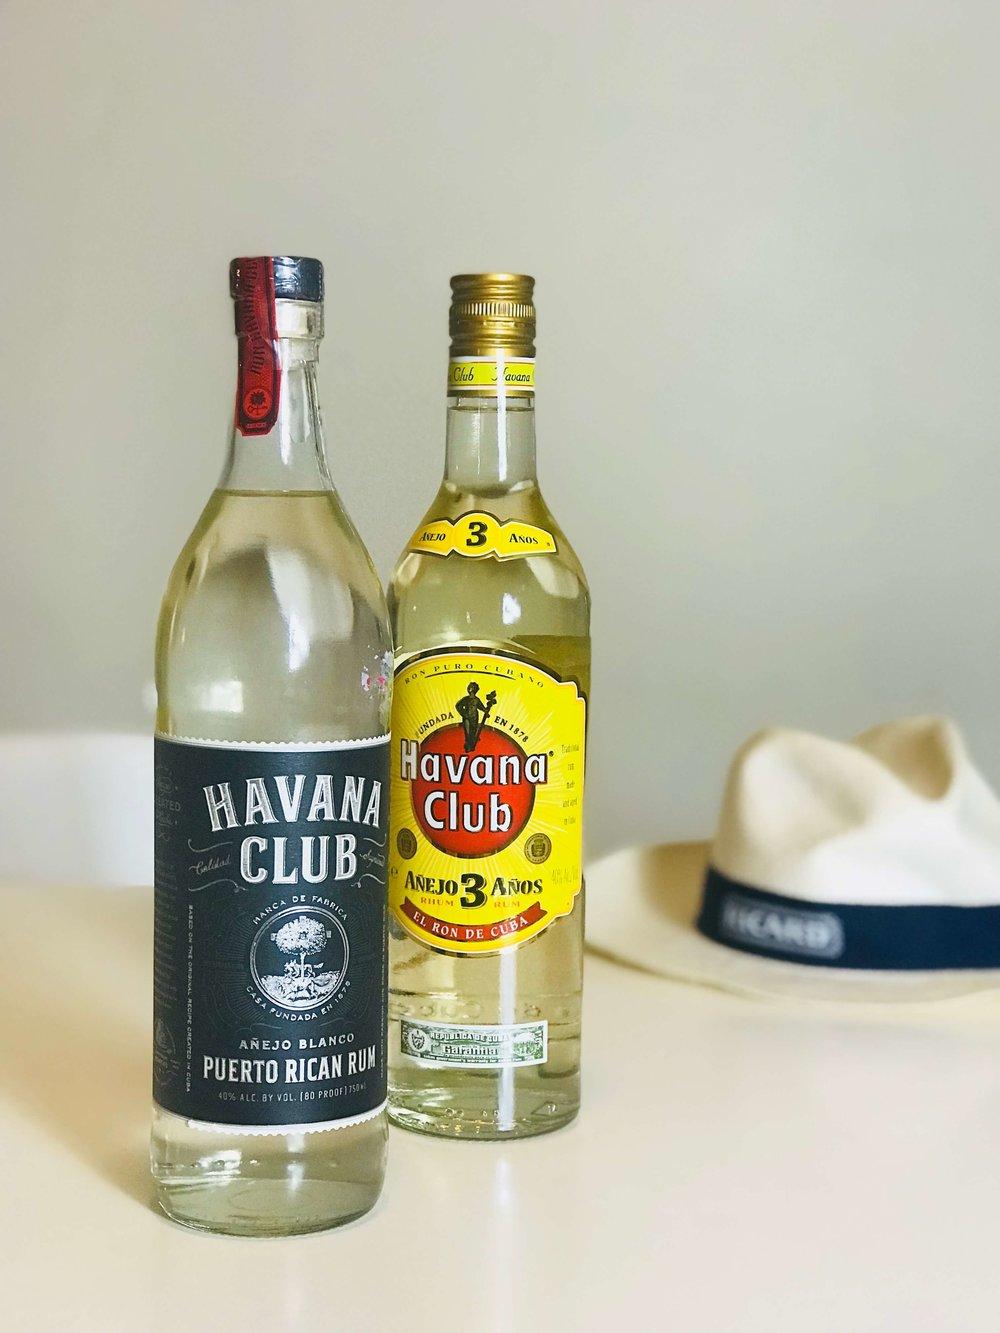 Havana Club bottles.jpg